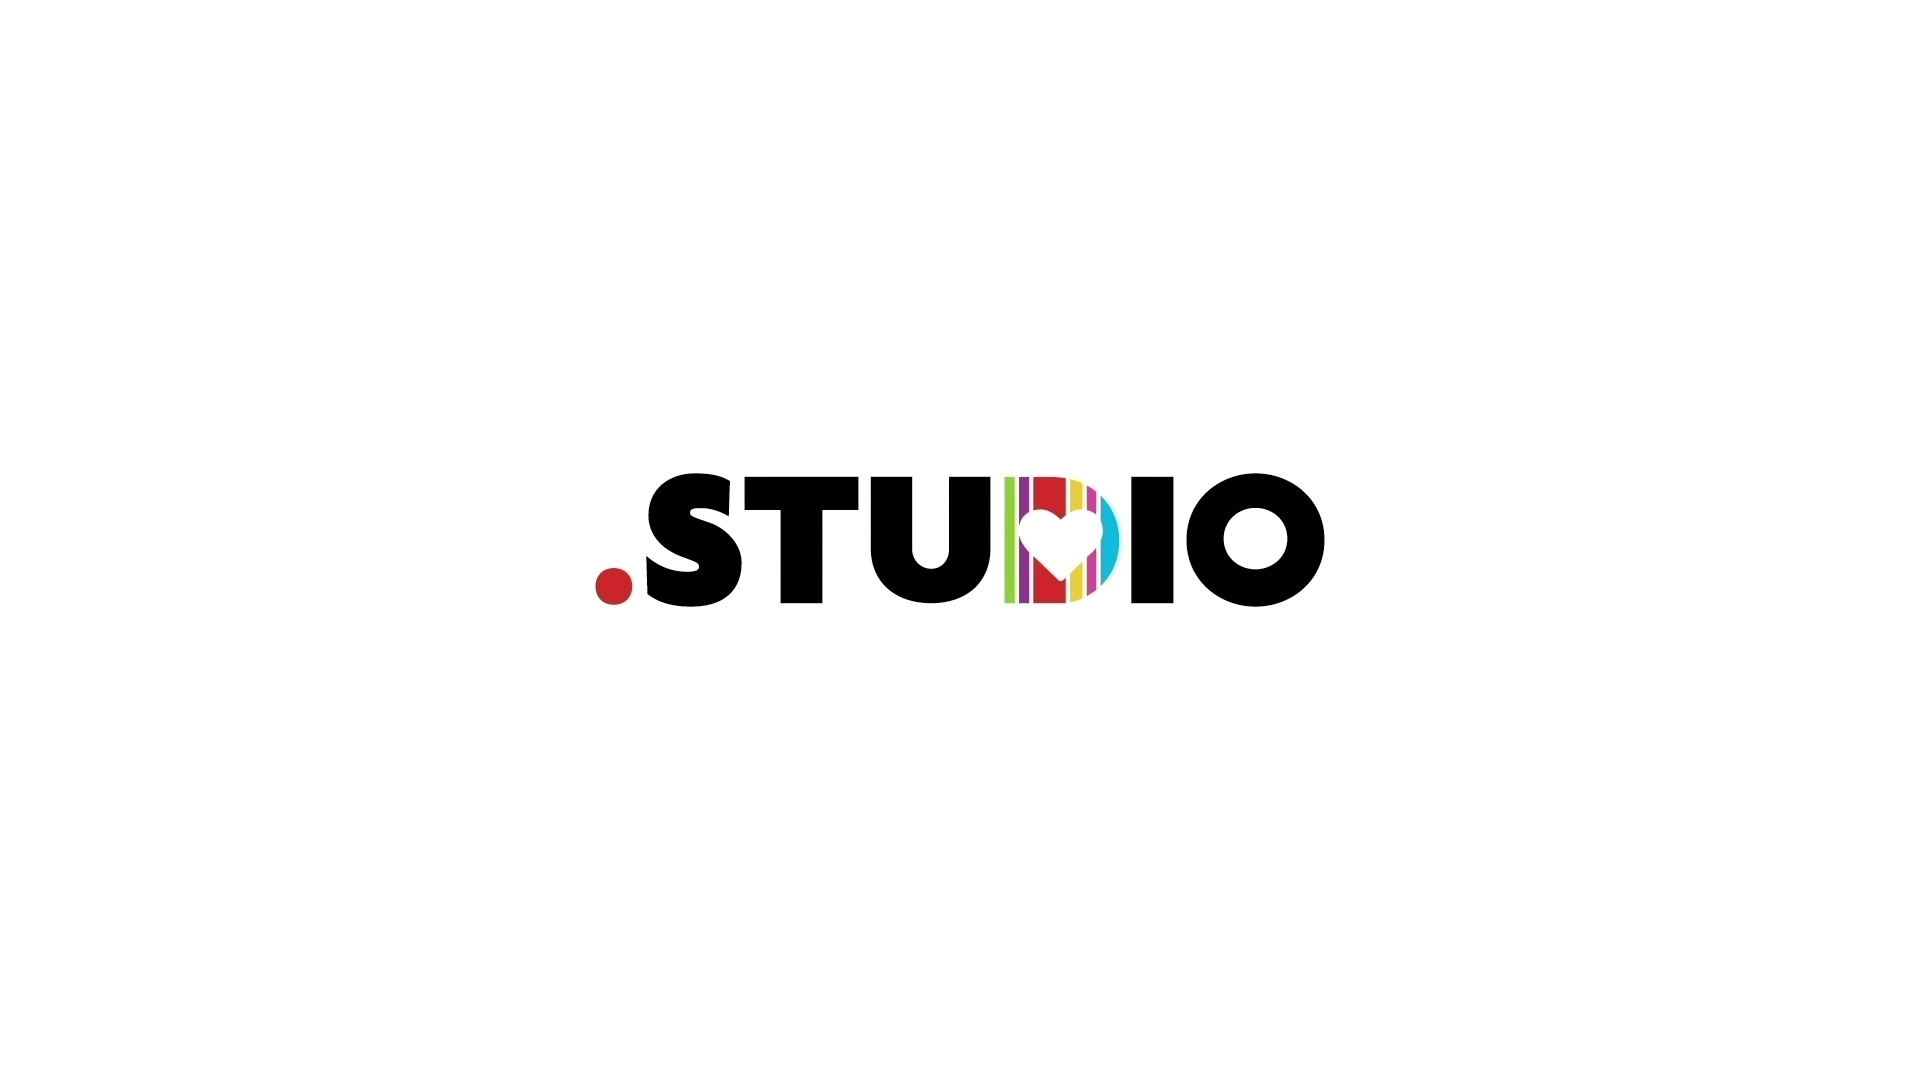 LTD_Introducing Studio